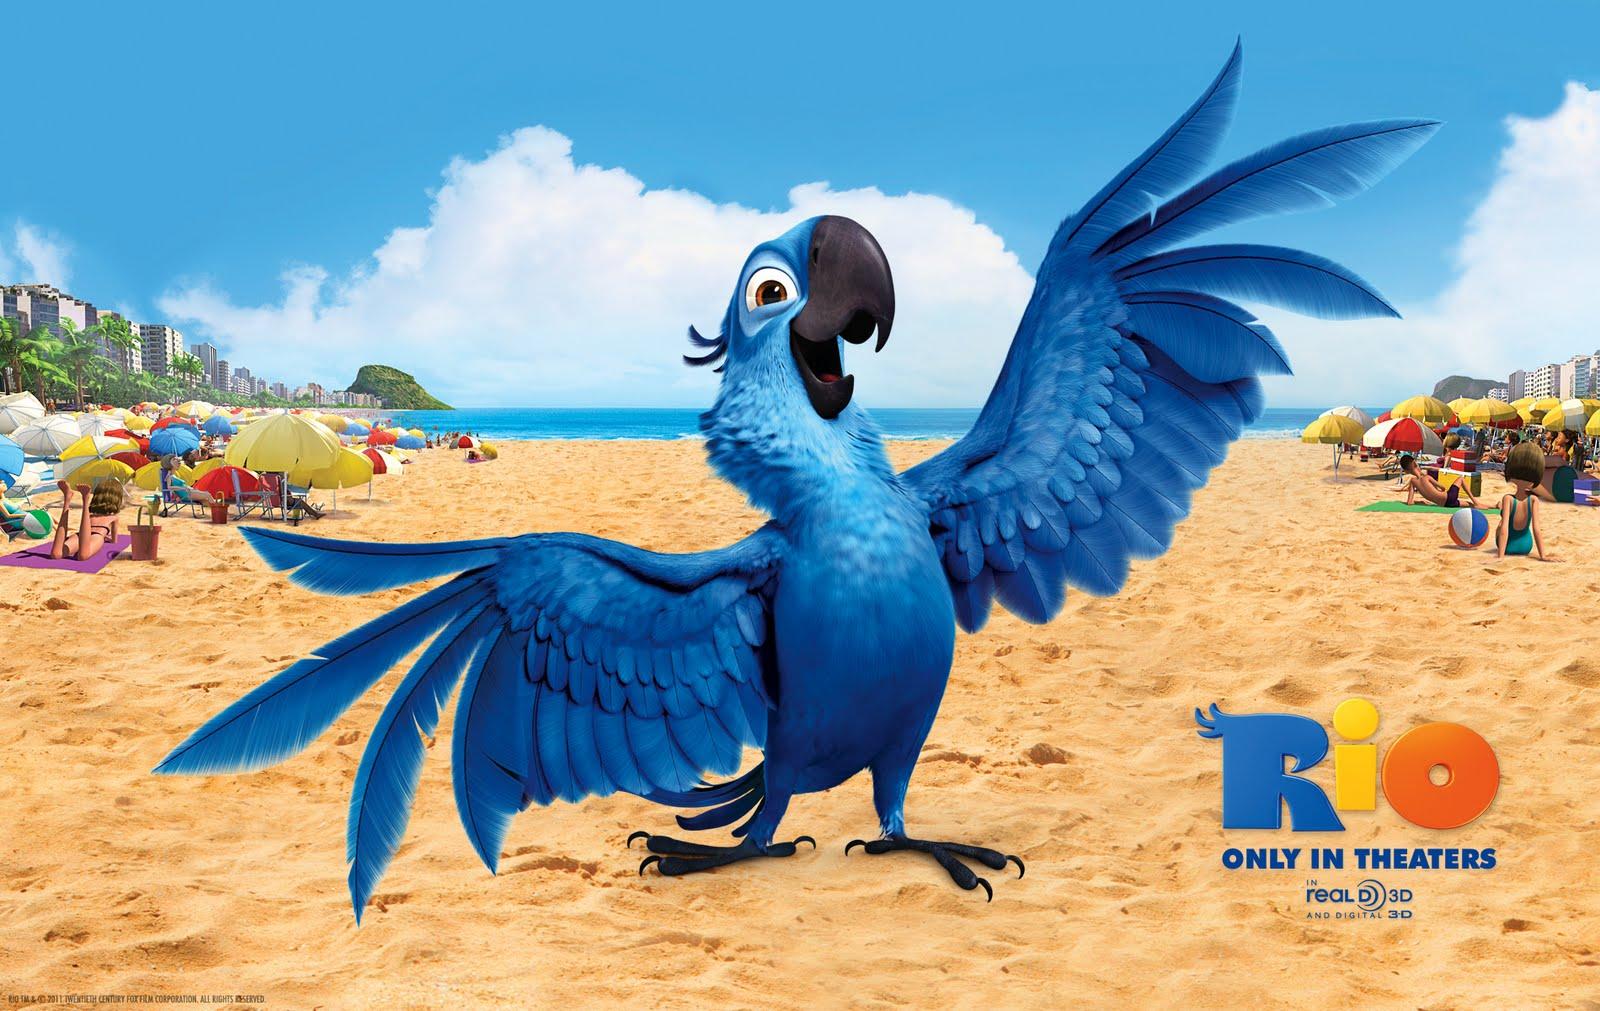 http://3.bp.blogspot.com/-abzcyHhzcYM/TayxnDgU2NI/AAAAAAAADTI/SHf4IYiY_Xg/s1600/Rio-Movie-Wallpapers-1900x1200-5.jpg